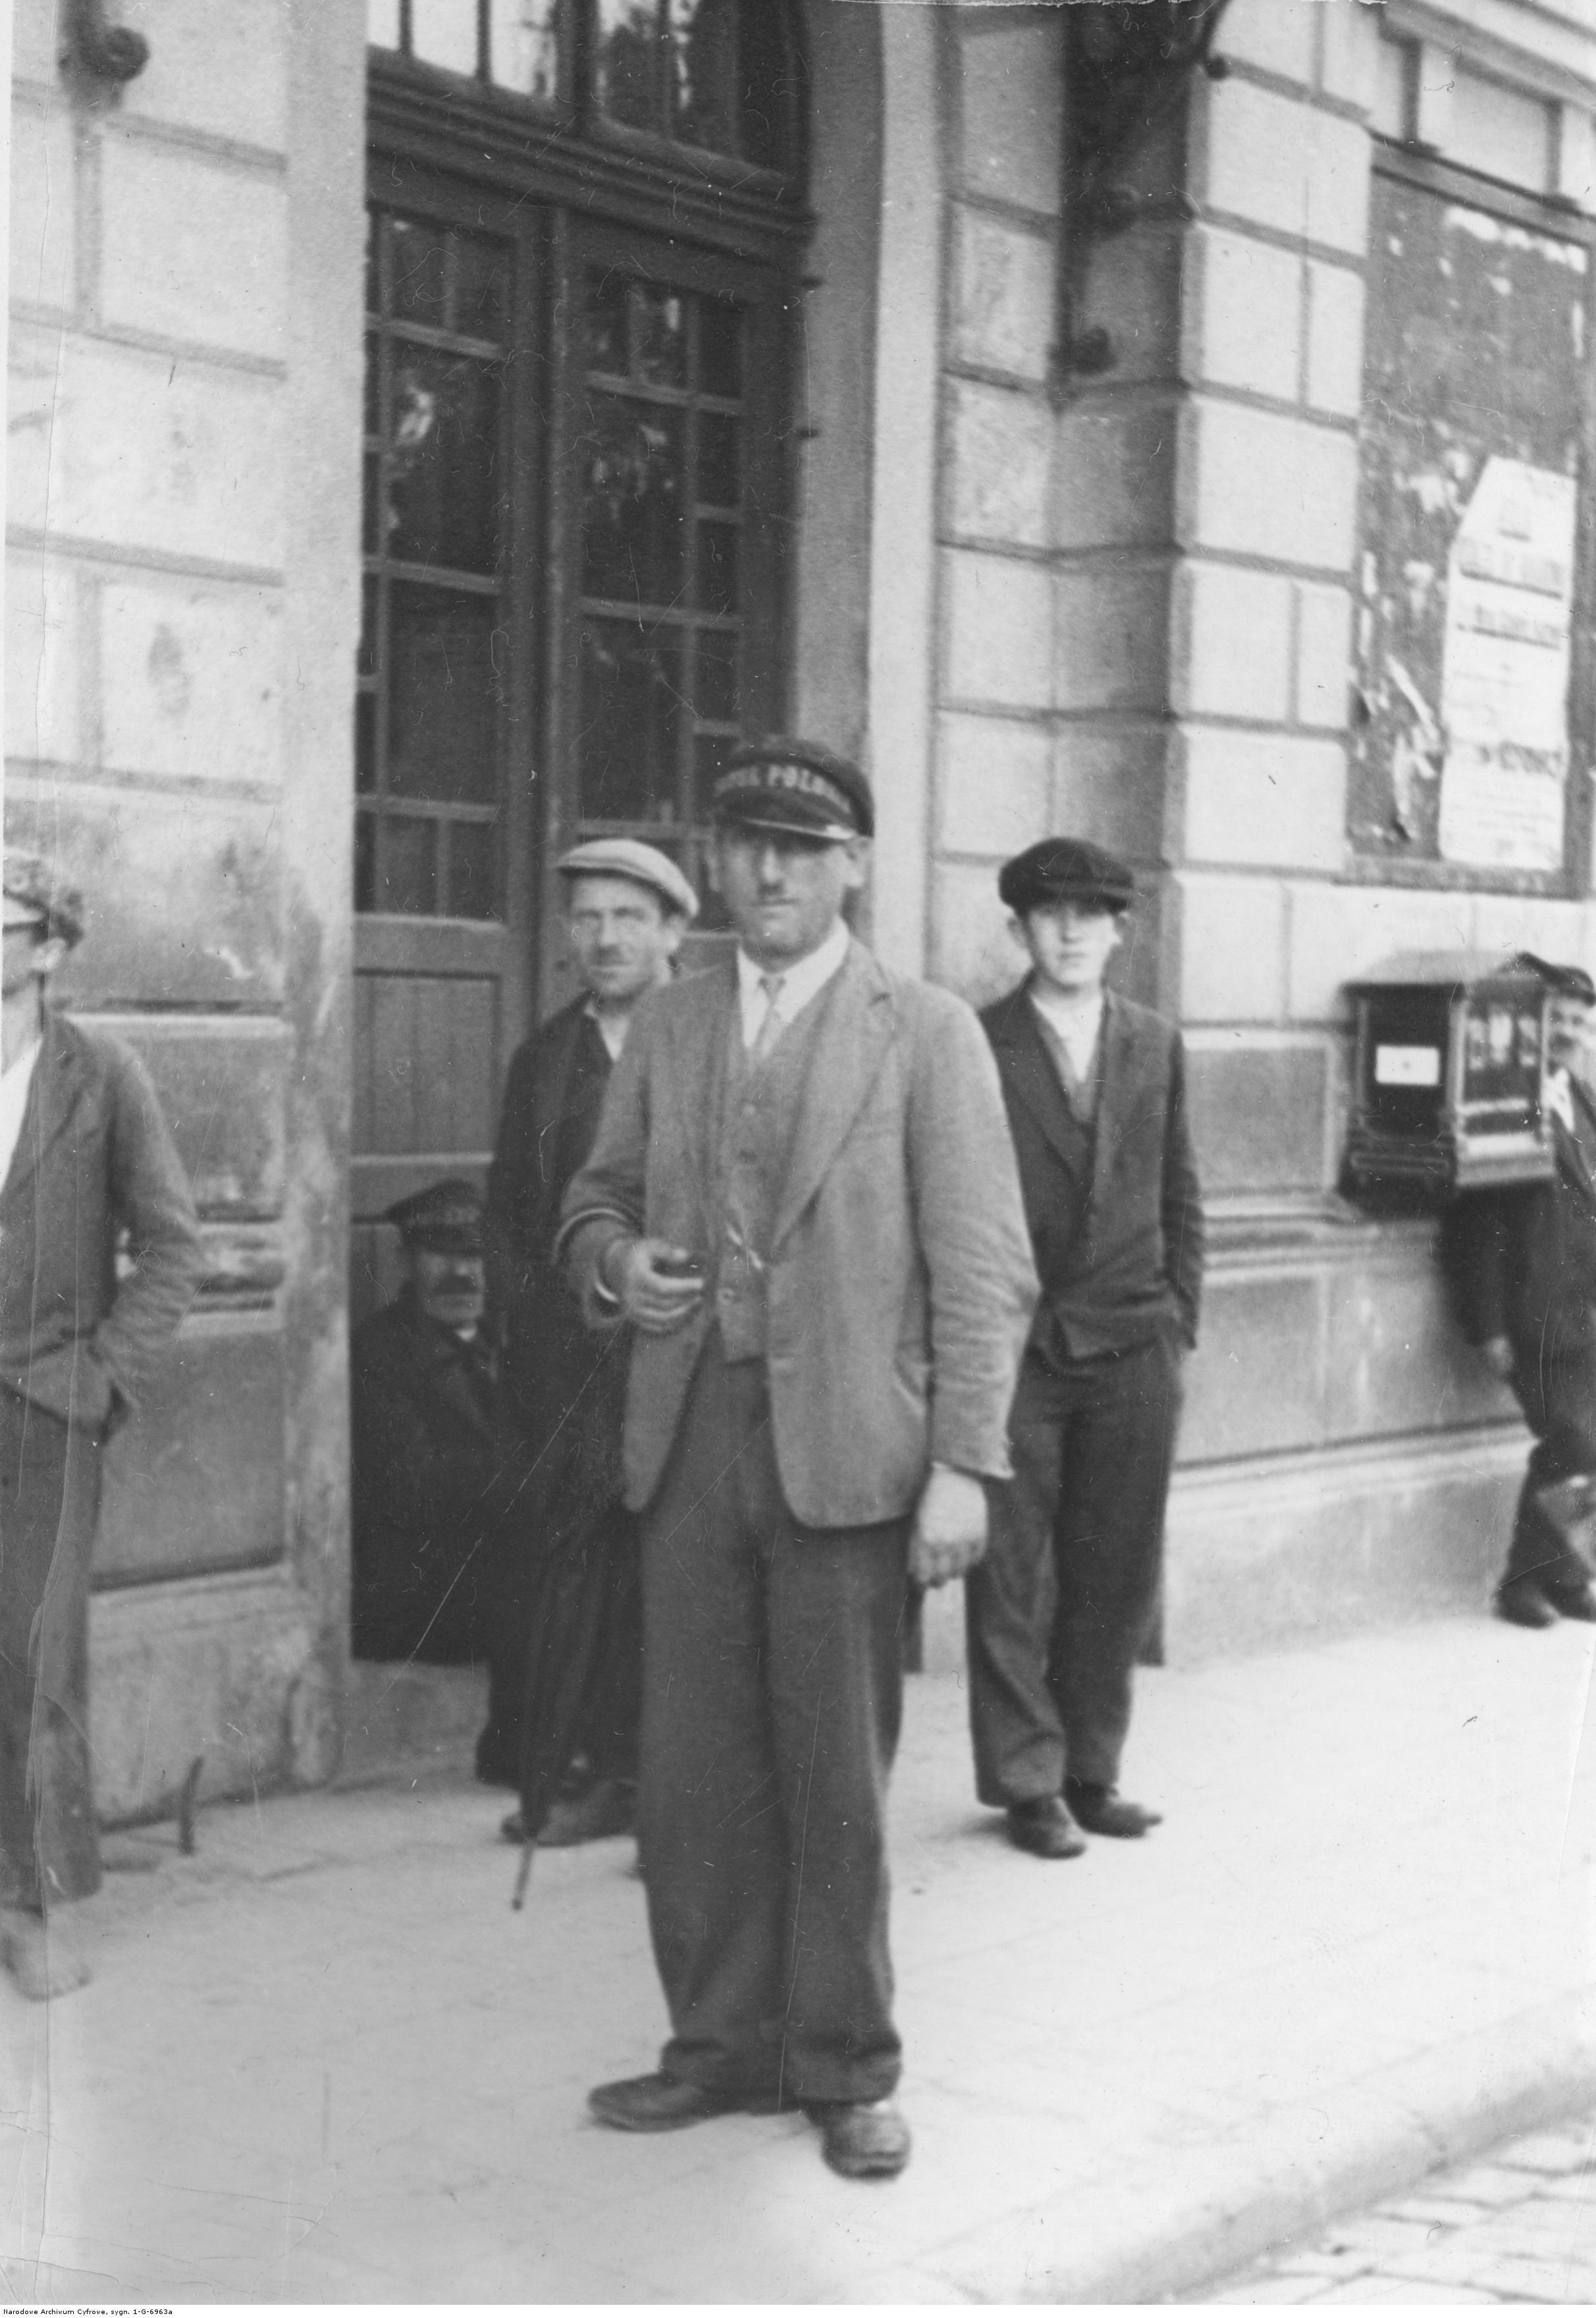 Portier hotelu Polonia przed dworcem w Rzeszowie. Na budynku skrzynka pocztowa, rok 1933